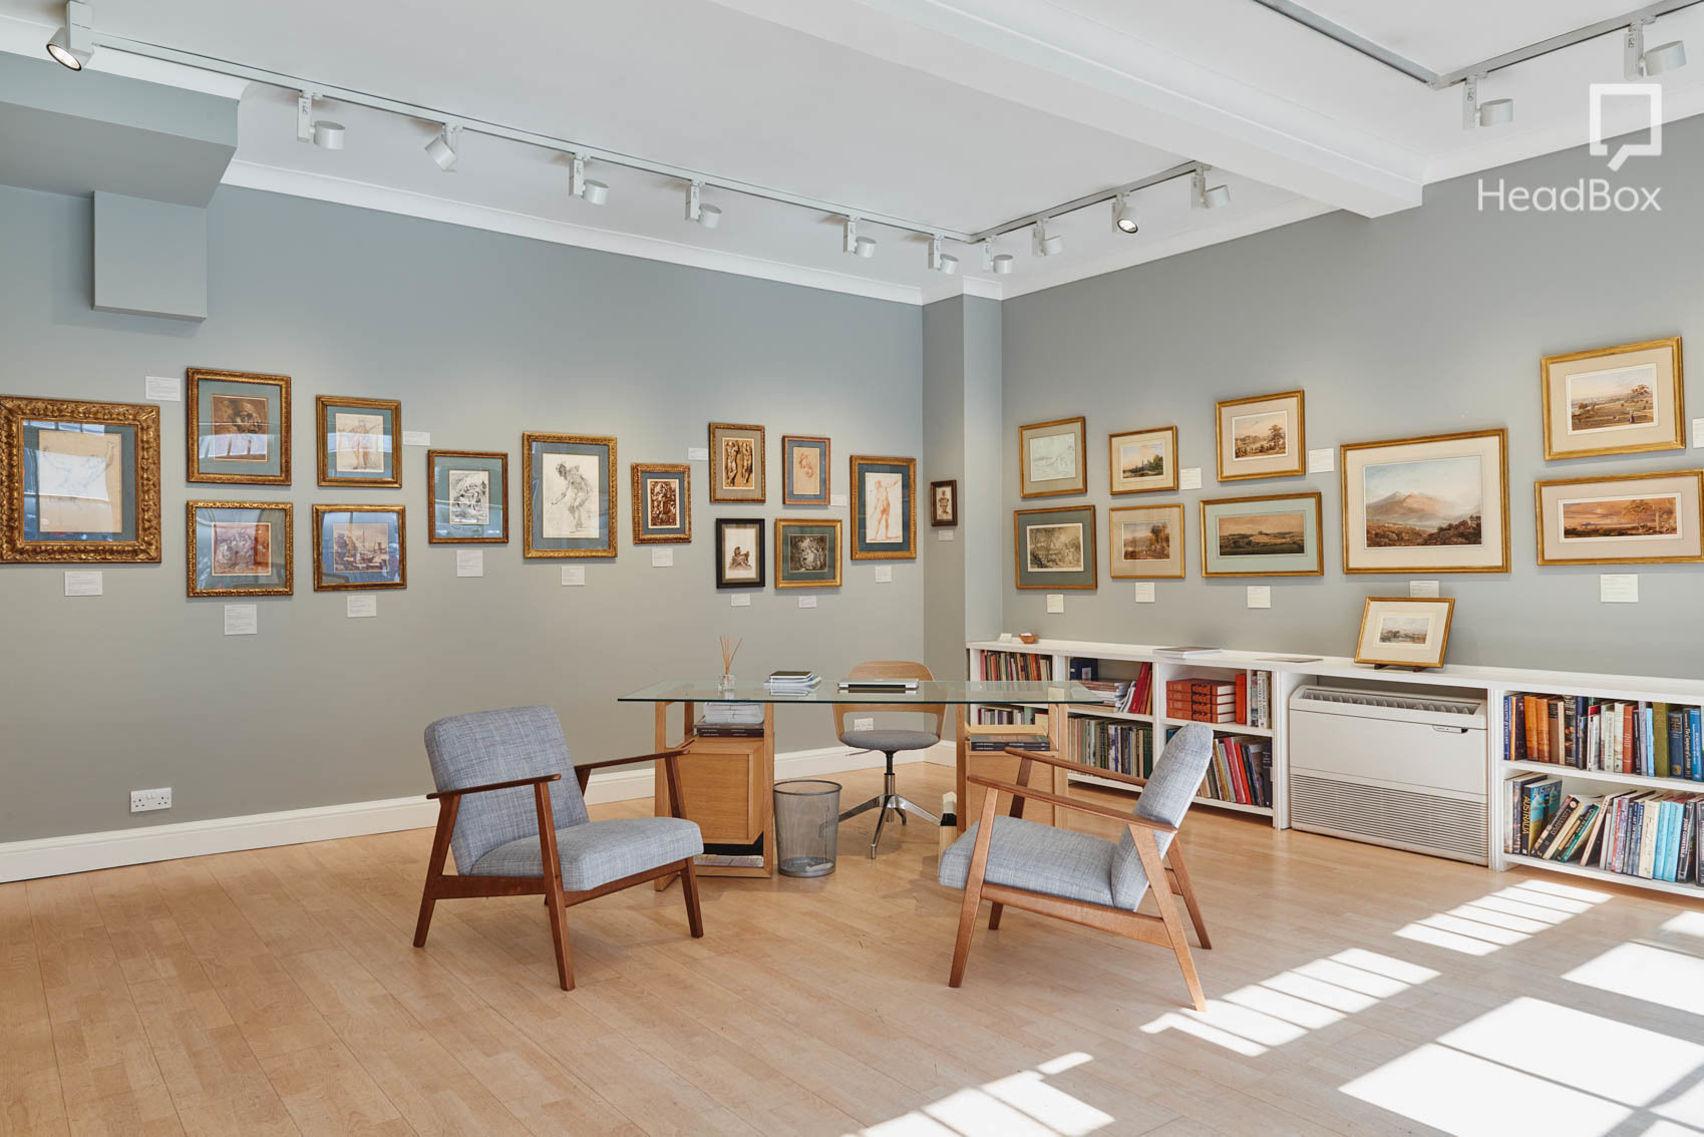 Exclusive Venue Hire, Ongpin Peppiatt Gallery